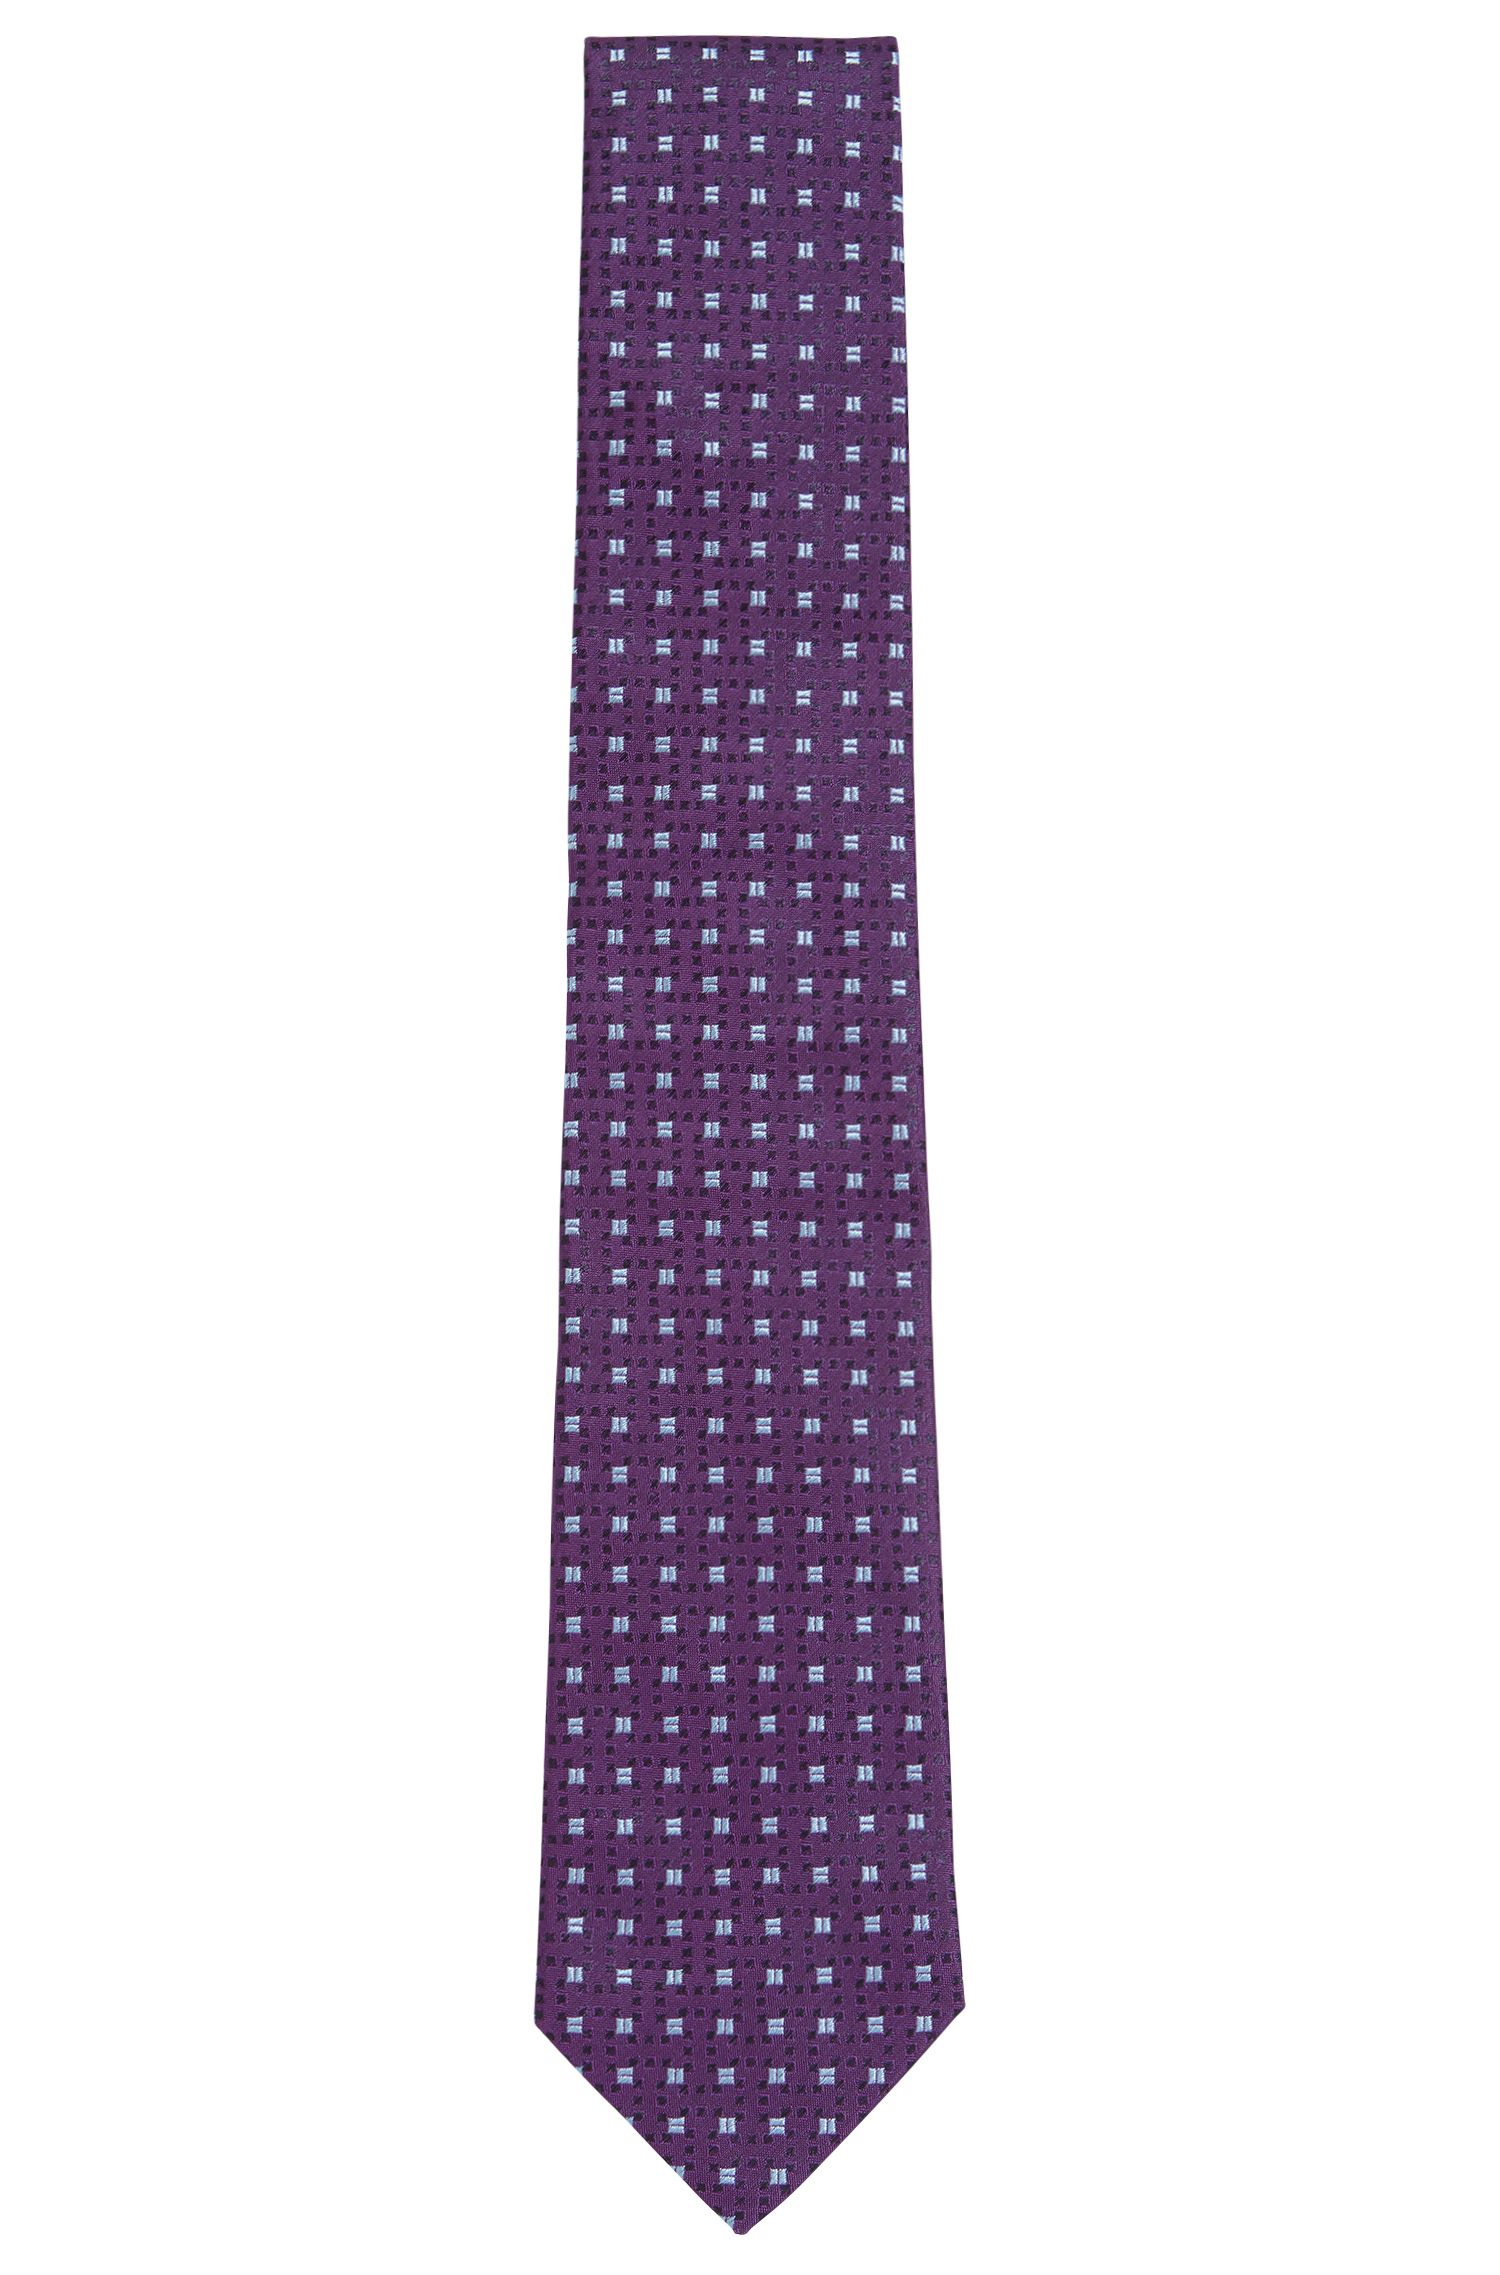 Cravate jacquard en soie fine à micro-motif